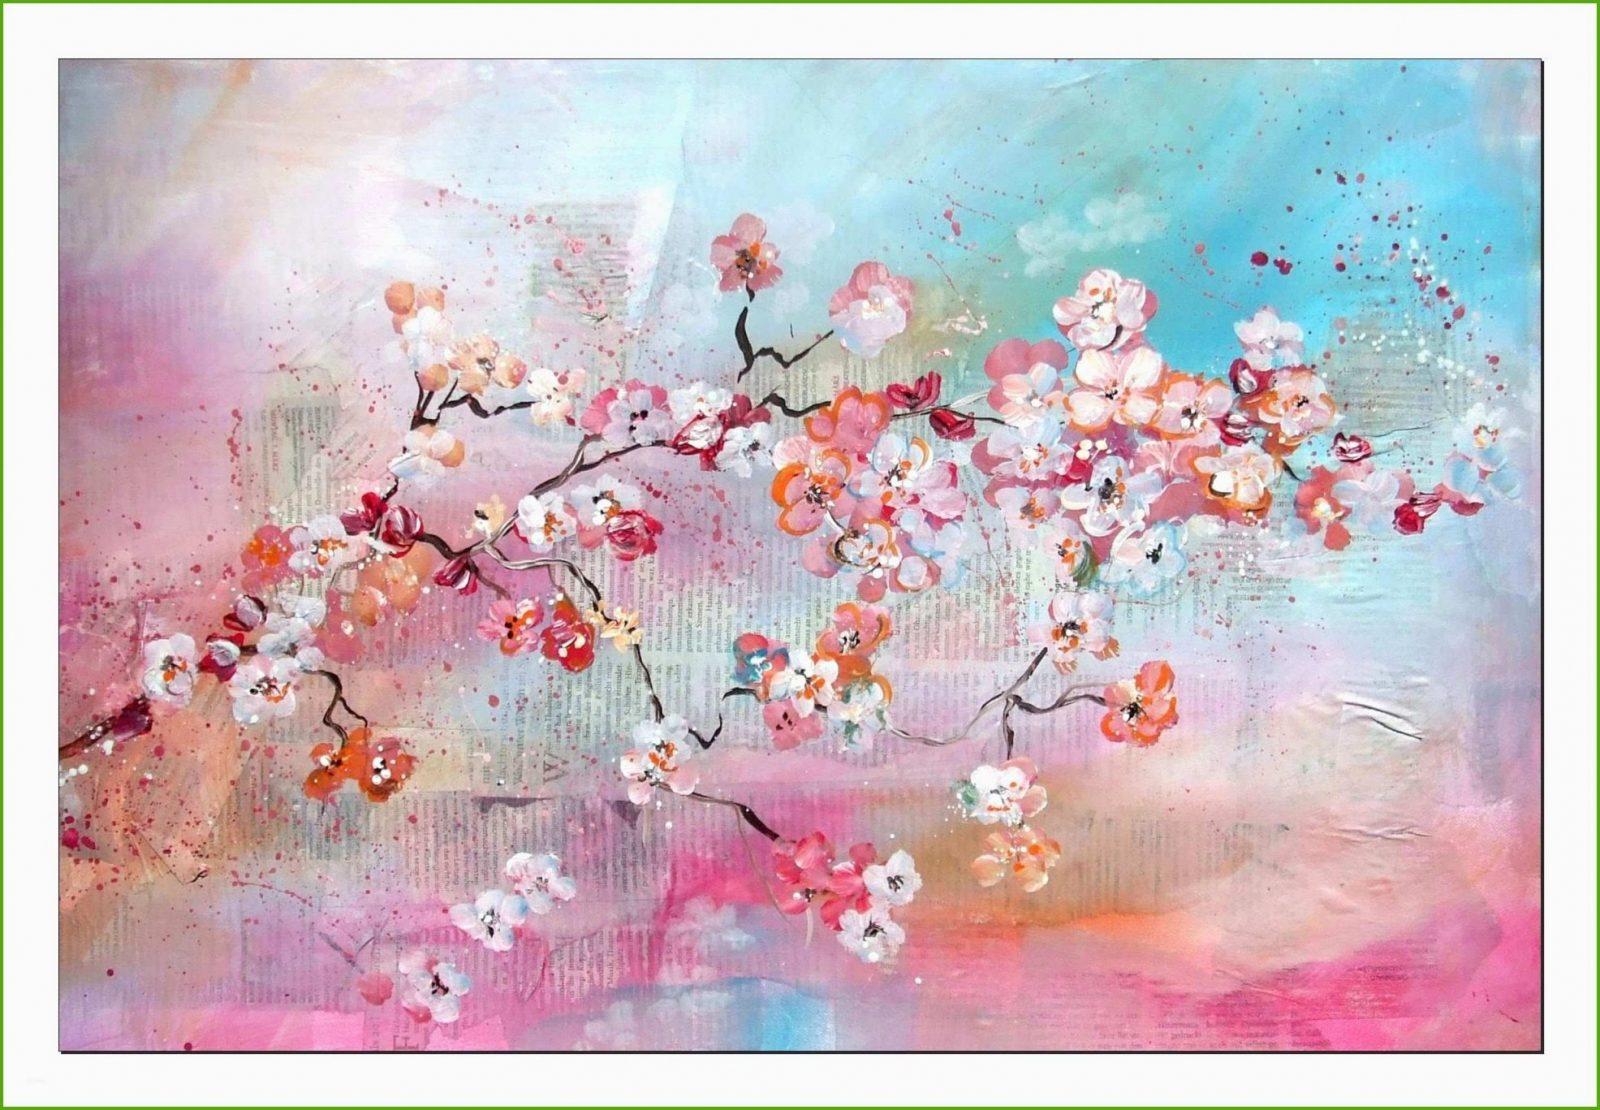 Bilder Selber Malen Mit Acryl Vorlagen 17 Ideen Nur Für Sie von Bilder Selber Malen Mit Acryl Vorlagen Photo